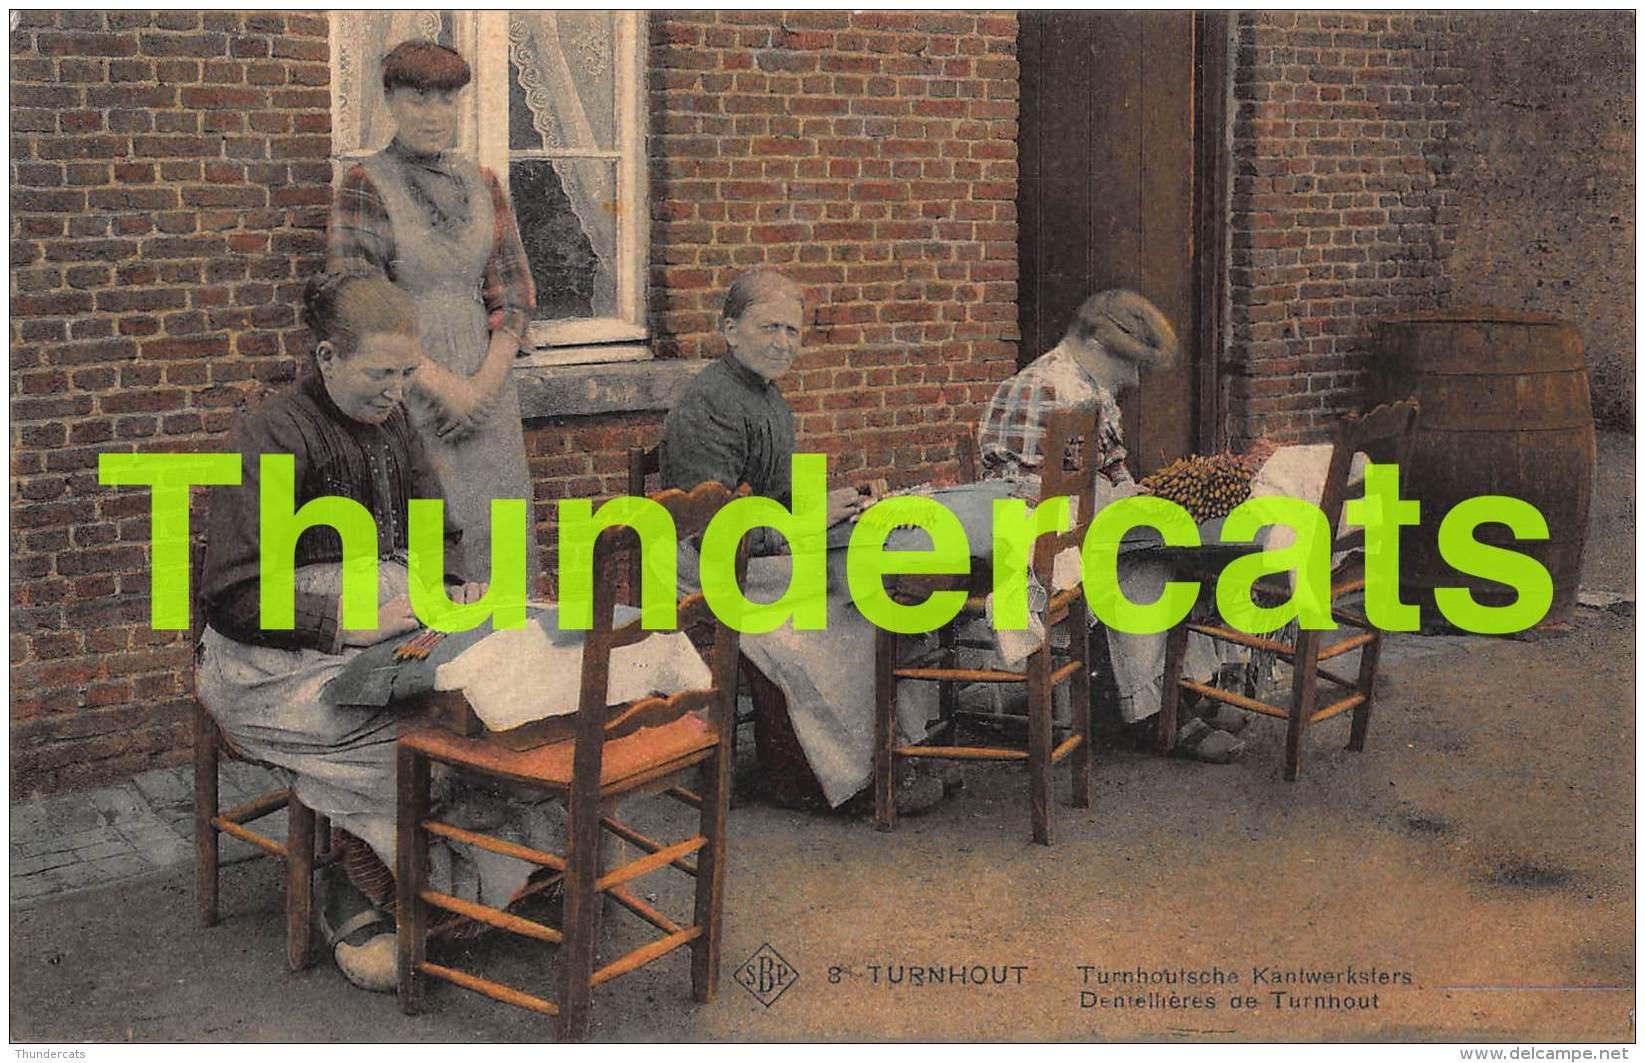 CPA TURNHOUT TURNHOUTSCHE KANTWERKSTERS DENTELLIERES - Turnhout